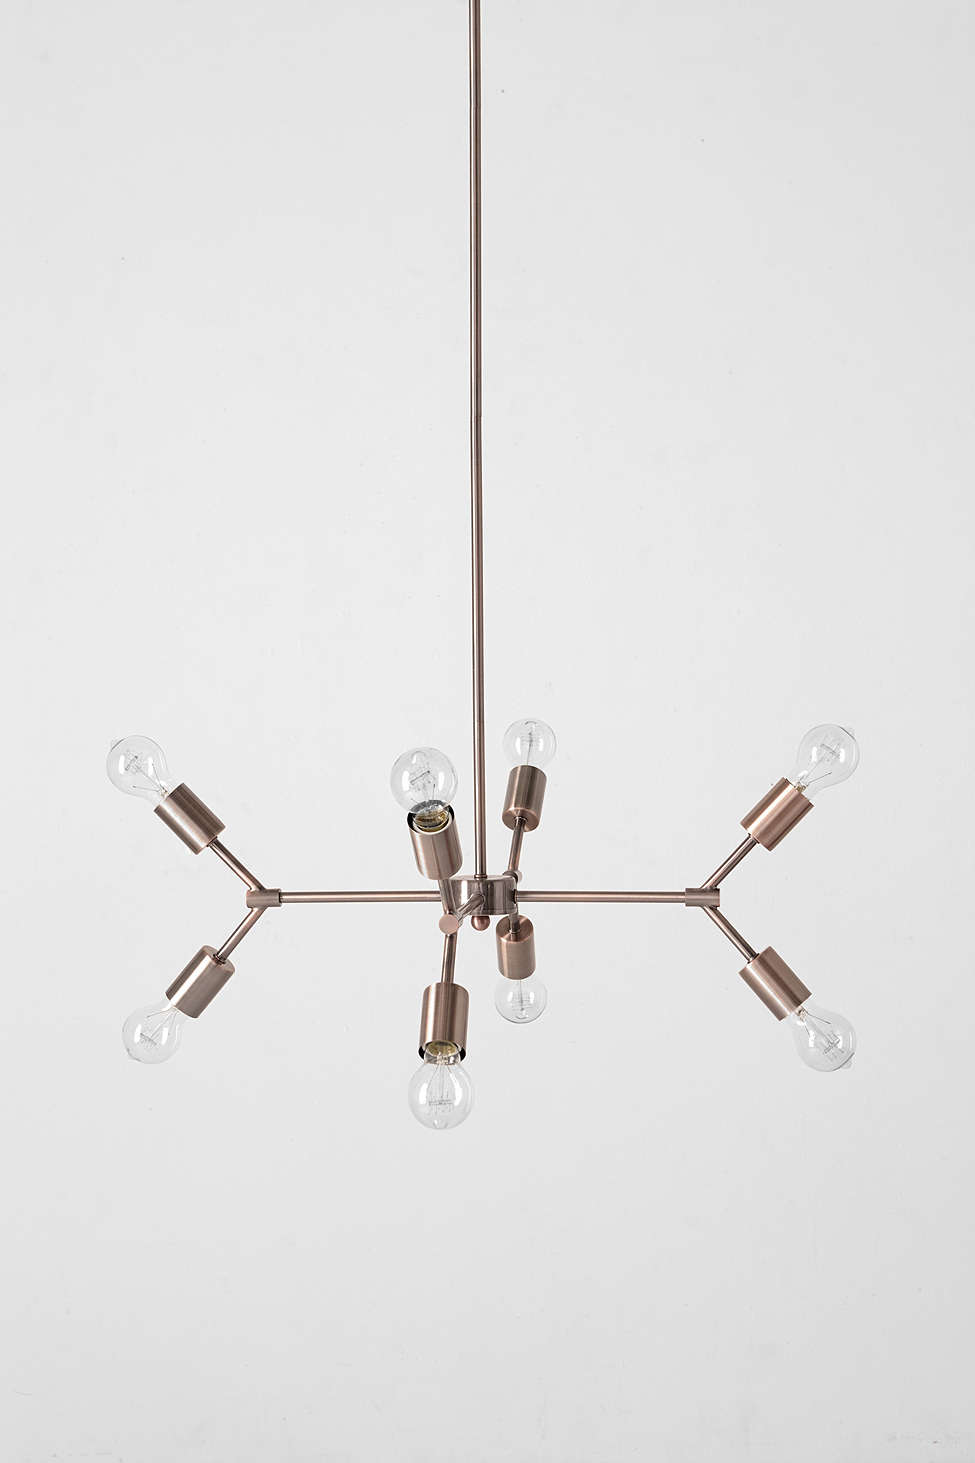 Diy copper light fixture - Diy hanging light fixtures ...